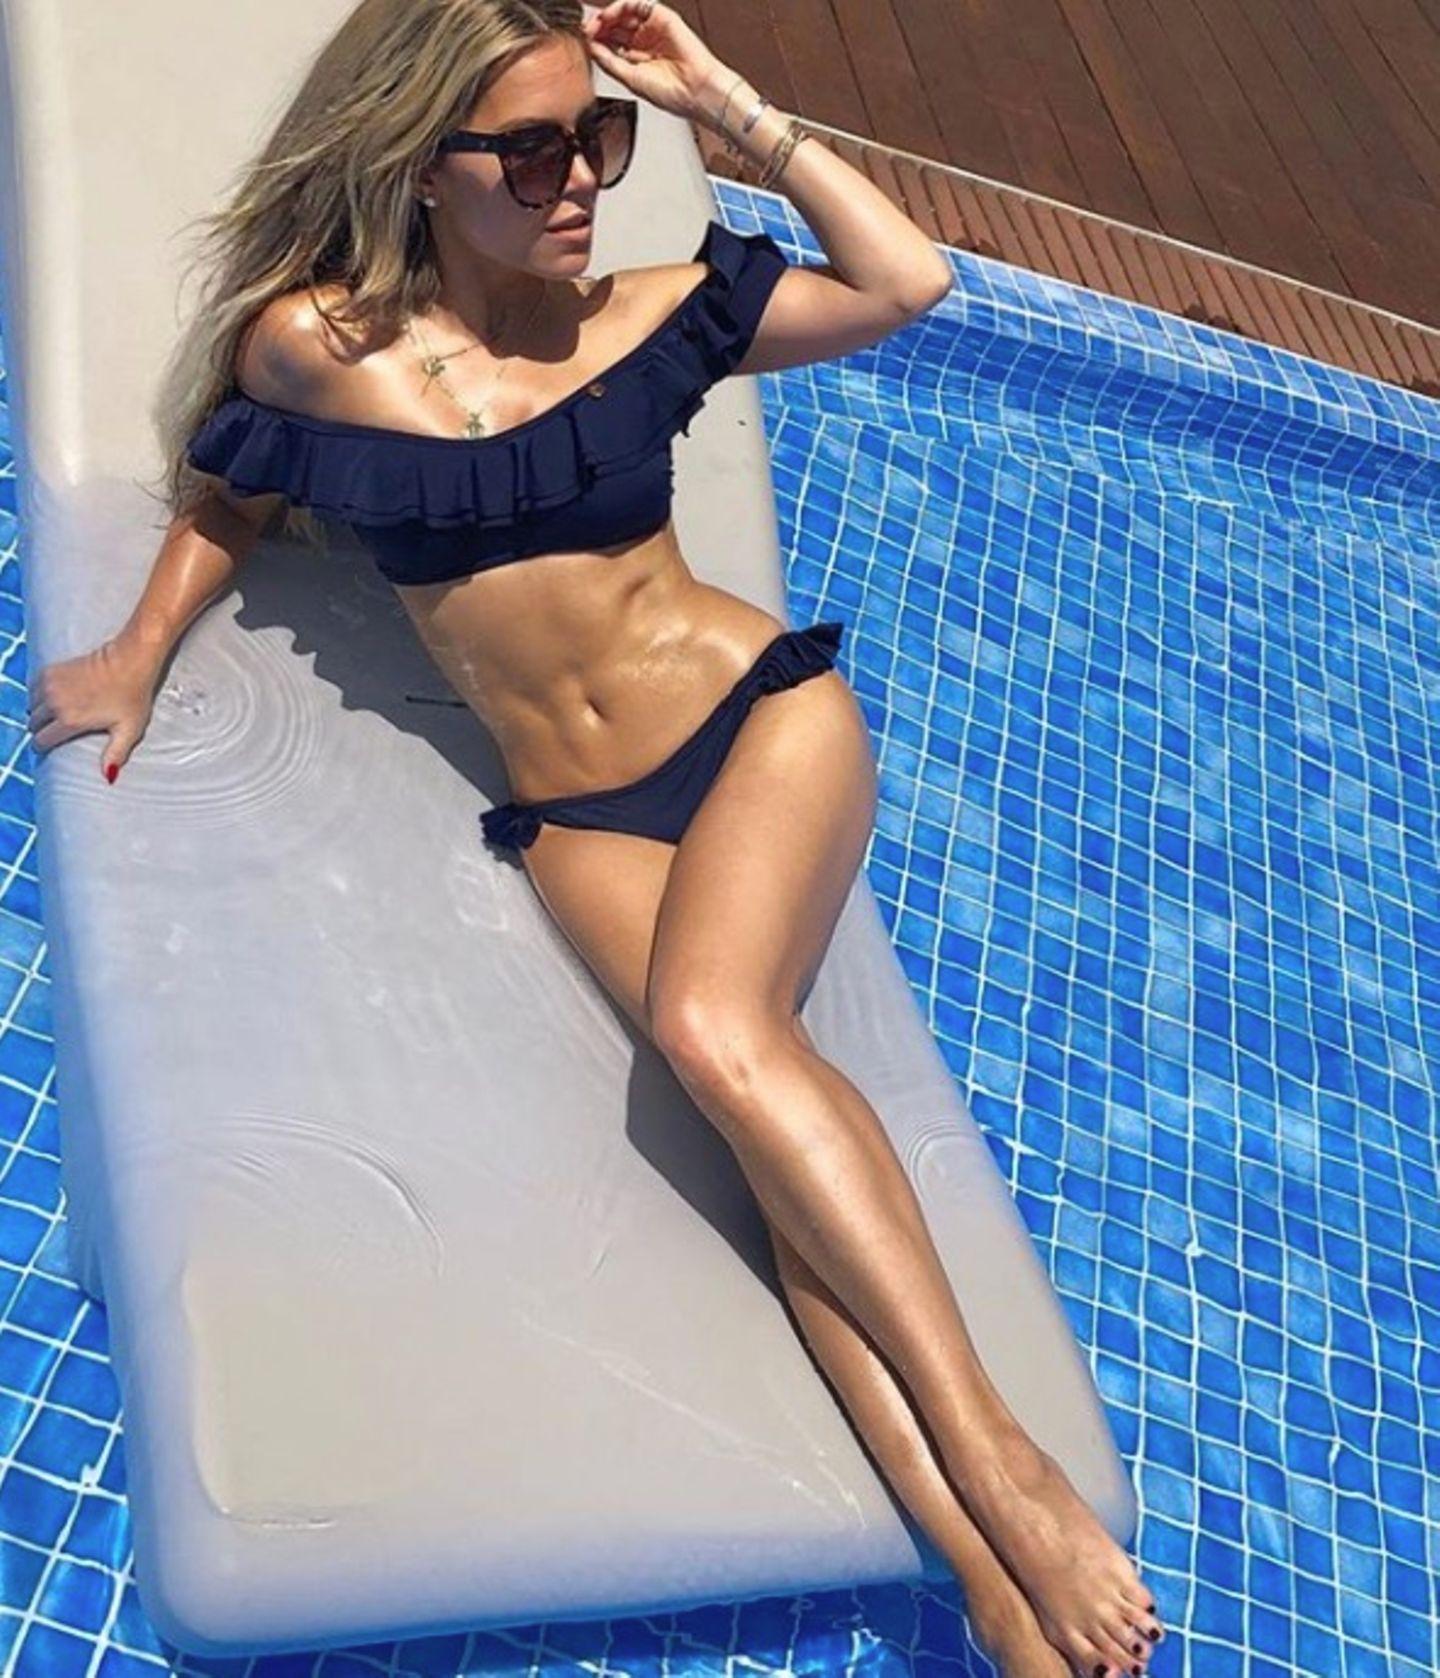 Da zahlt sich das harte Training aus: Sylvie Meis posiert gern freizügig für Fotos und beglückt ihre Instagram-Follower mit einem sexy Sixpack-Schnappschuss. Hot!